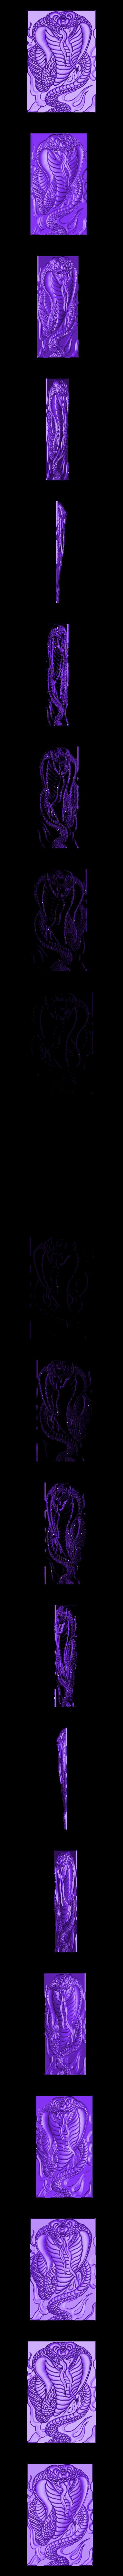 snake.stl Télécharger fichier STL gratuit Cobra Snake relief modèle pour cnc • Design imprimable en 3D, stlfilesfree